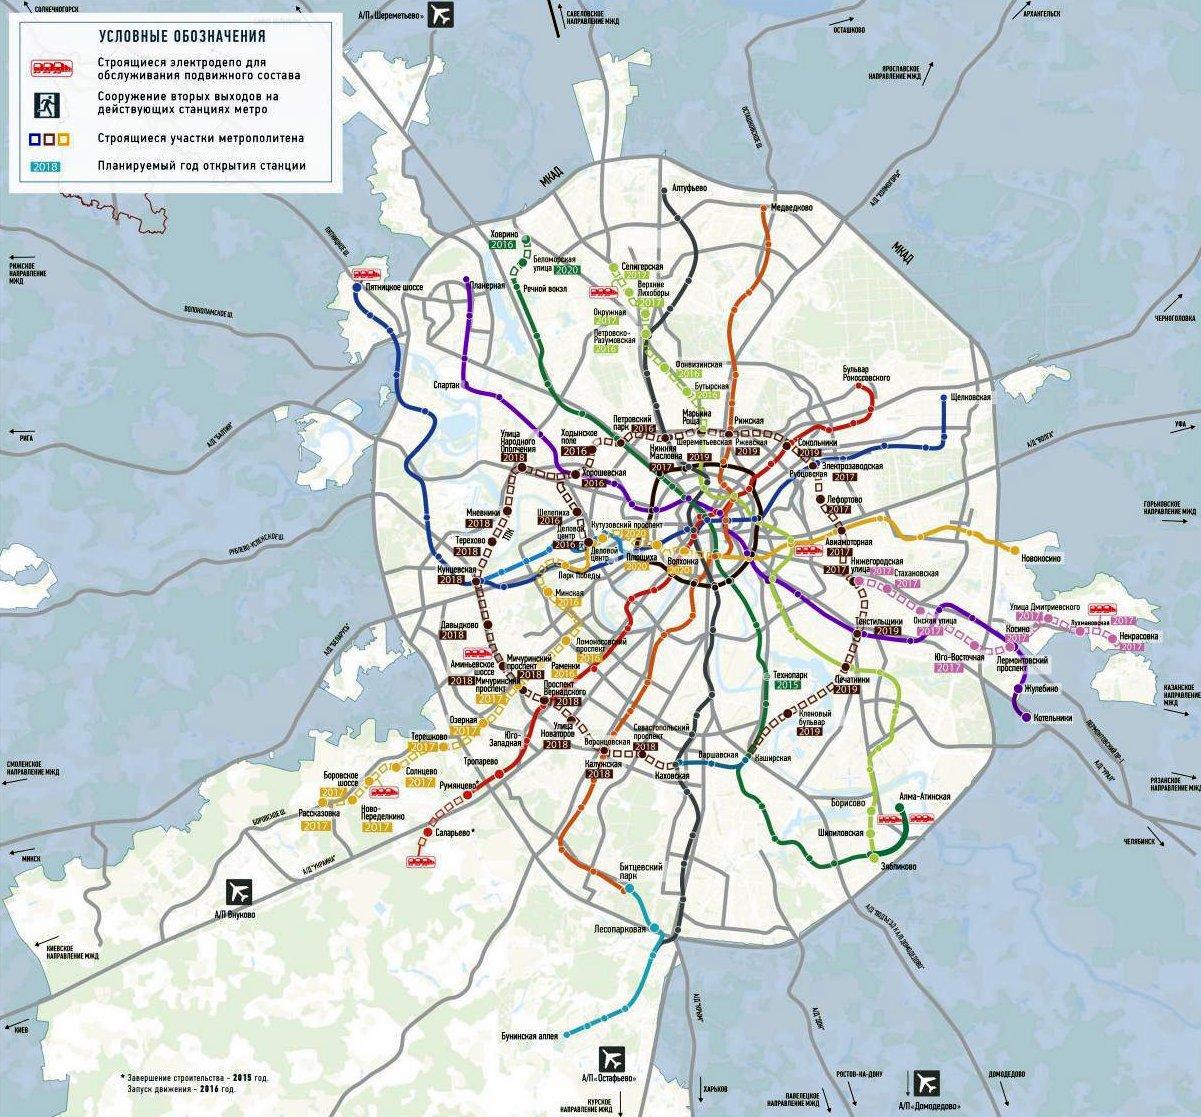 расширение метрополитена москвы схема